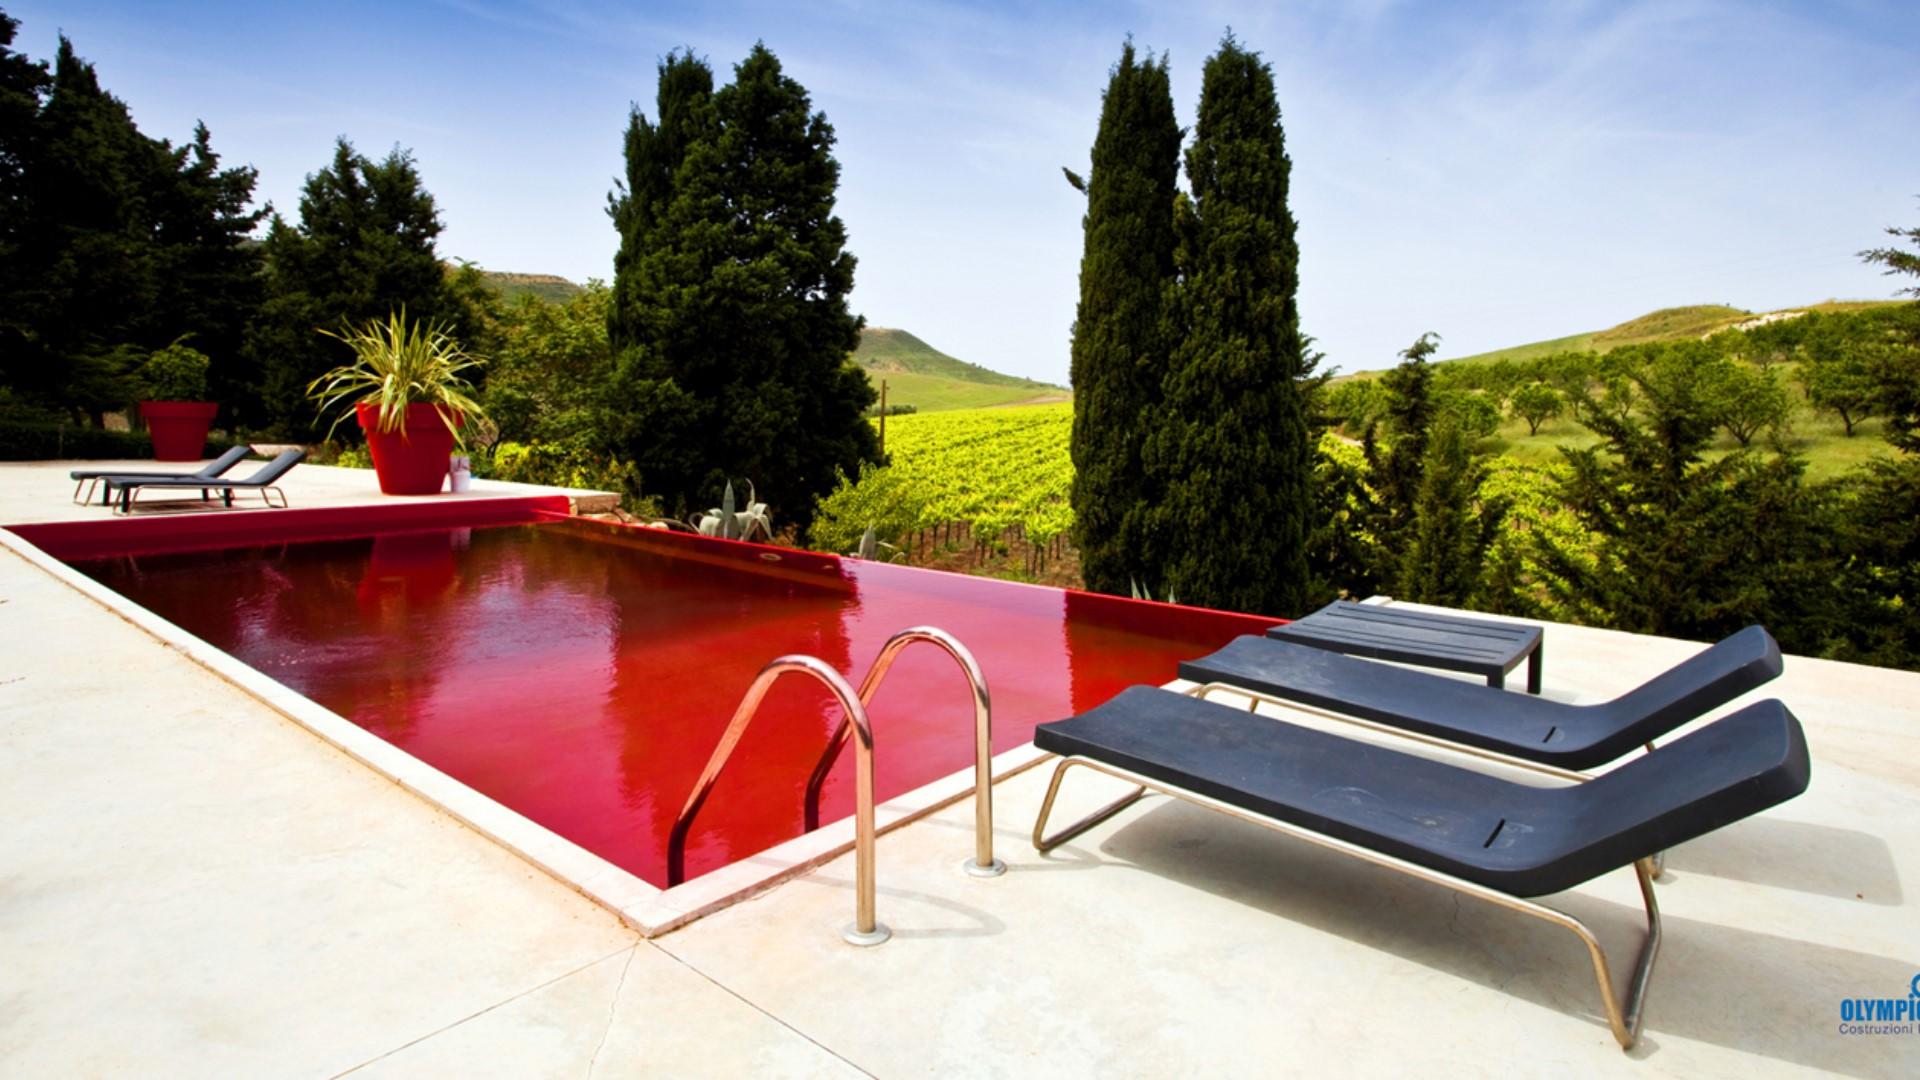 Vendita Piscine A Catania piscine prefabbricate catania - costruzione e vendita piscine